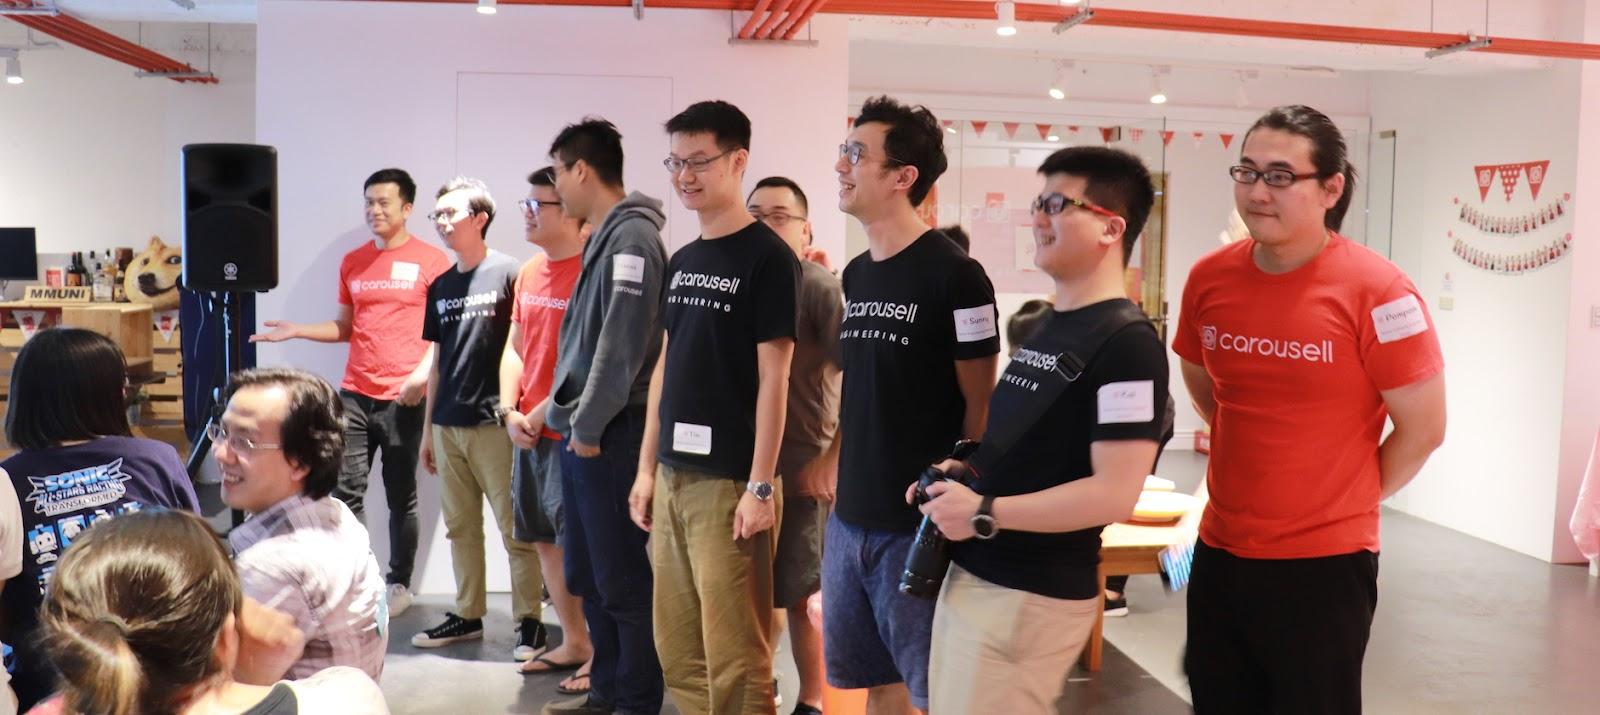 Carousell 旋轉拍賣目前在台灣的技術團隊由 20 位工程師組成,當天都留下來和大家交流